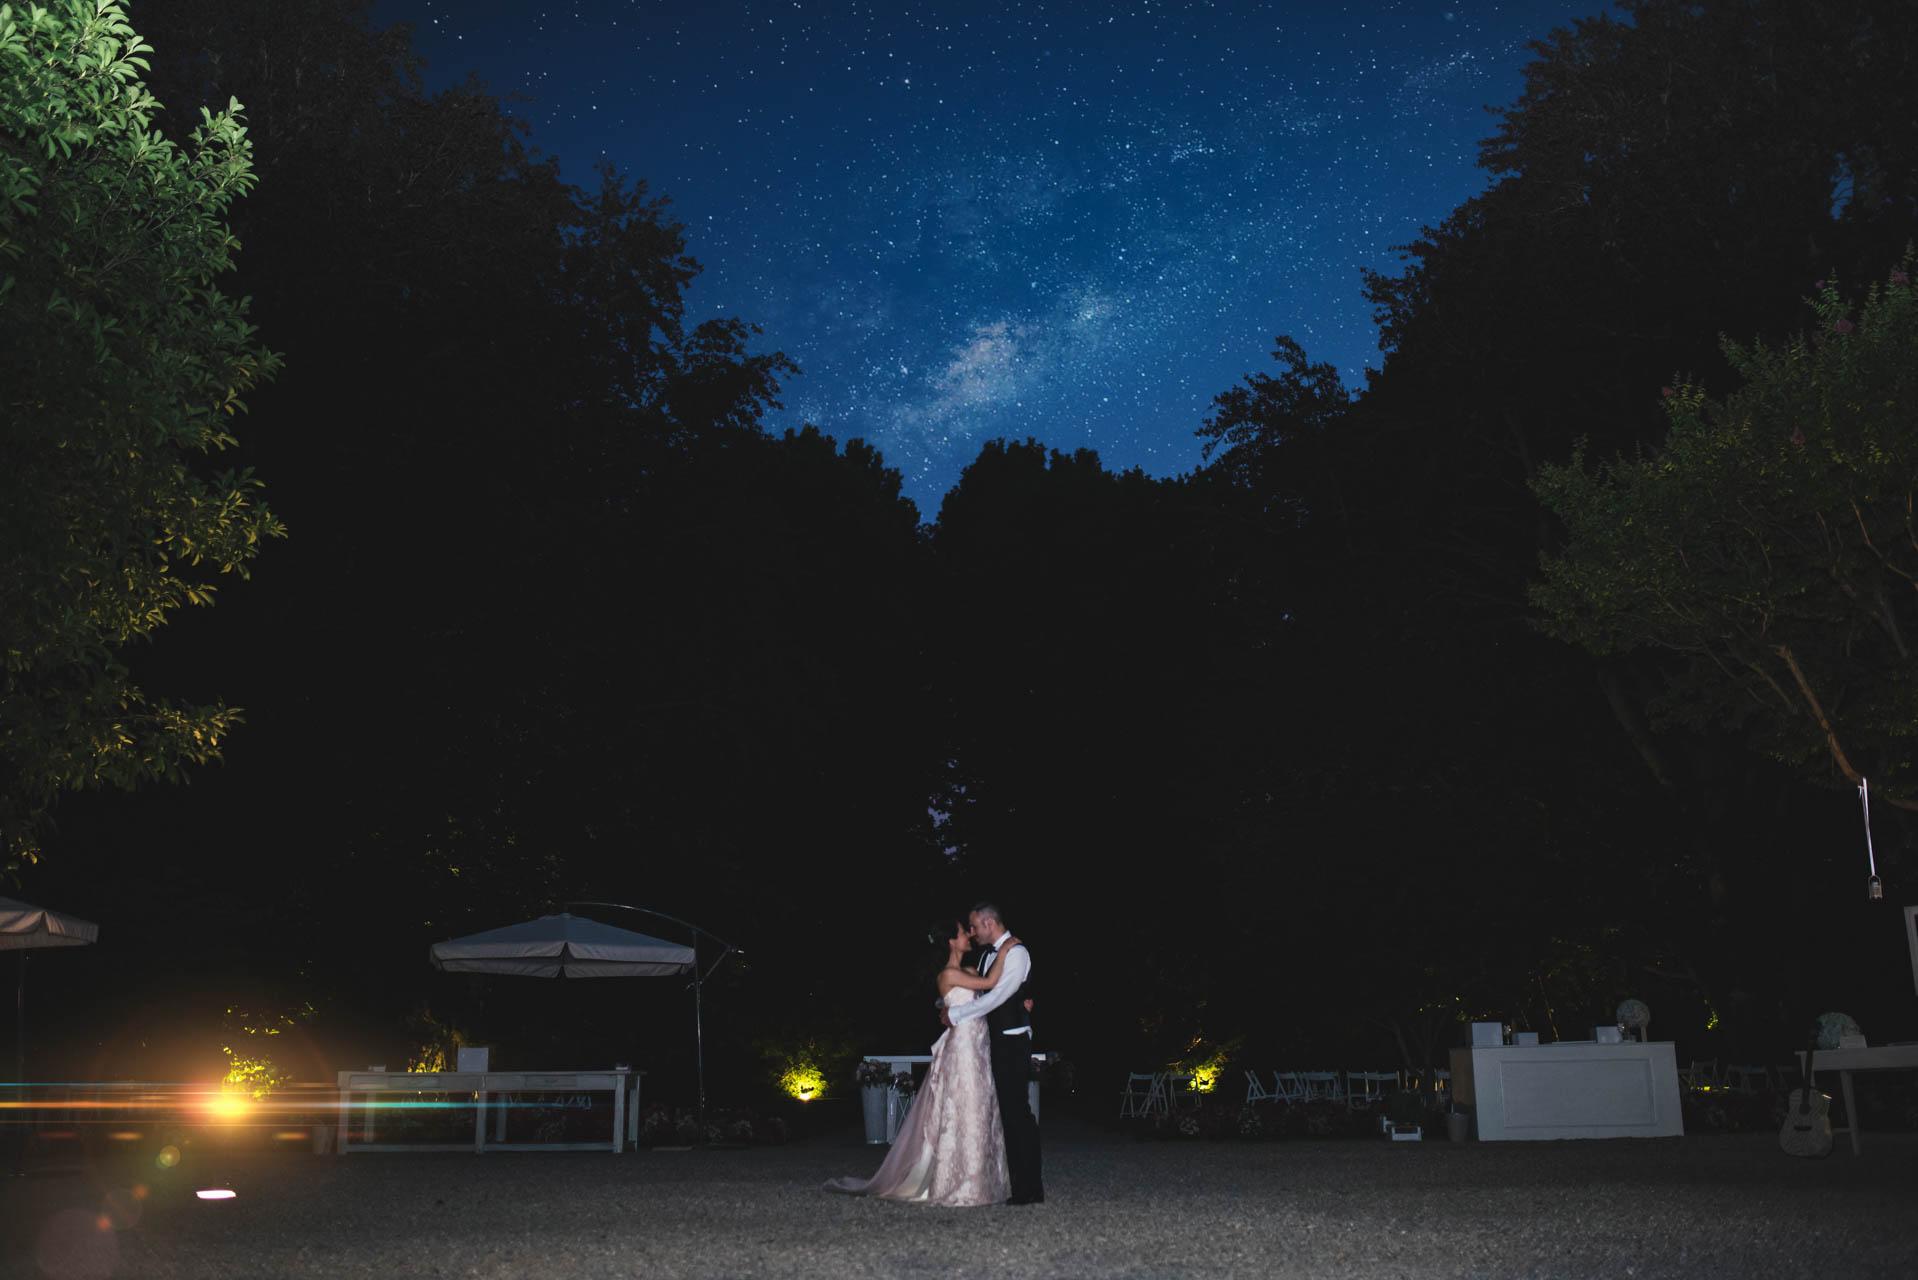 sposi abbraccio esterno notte stelle